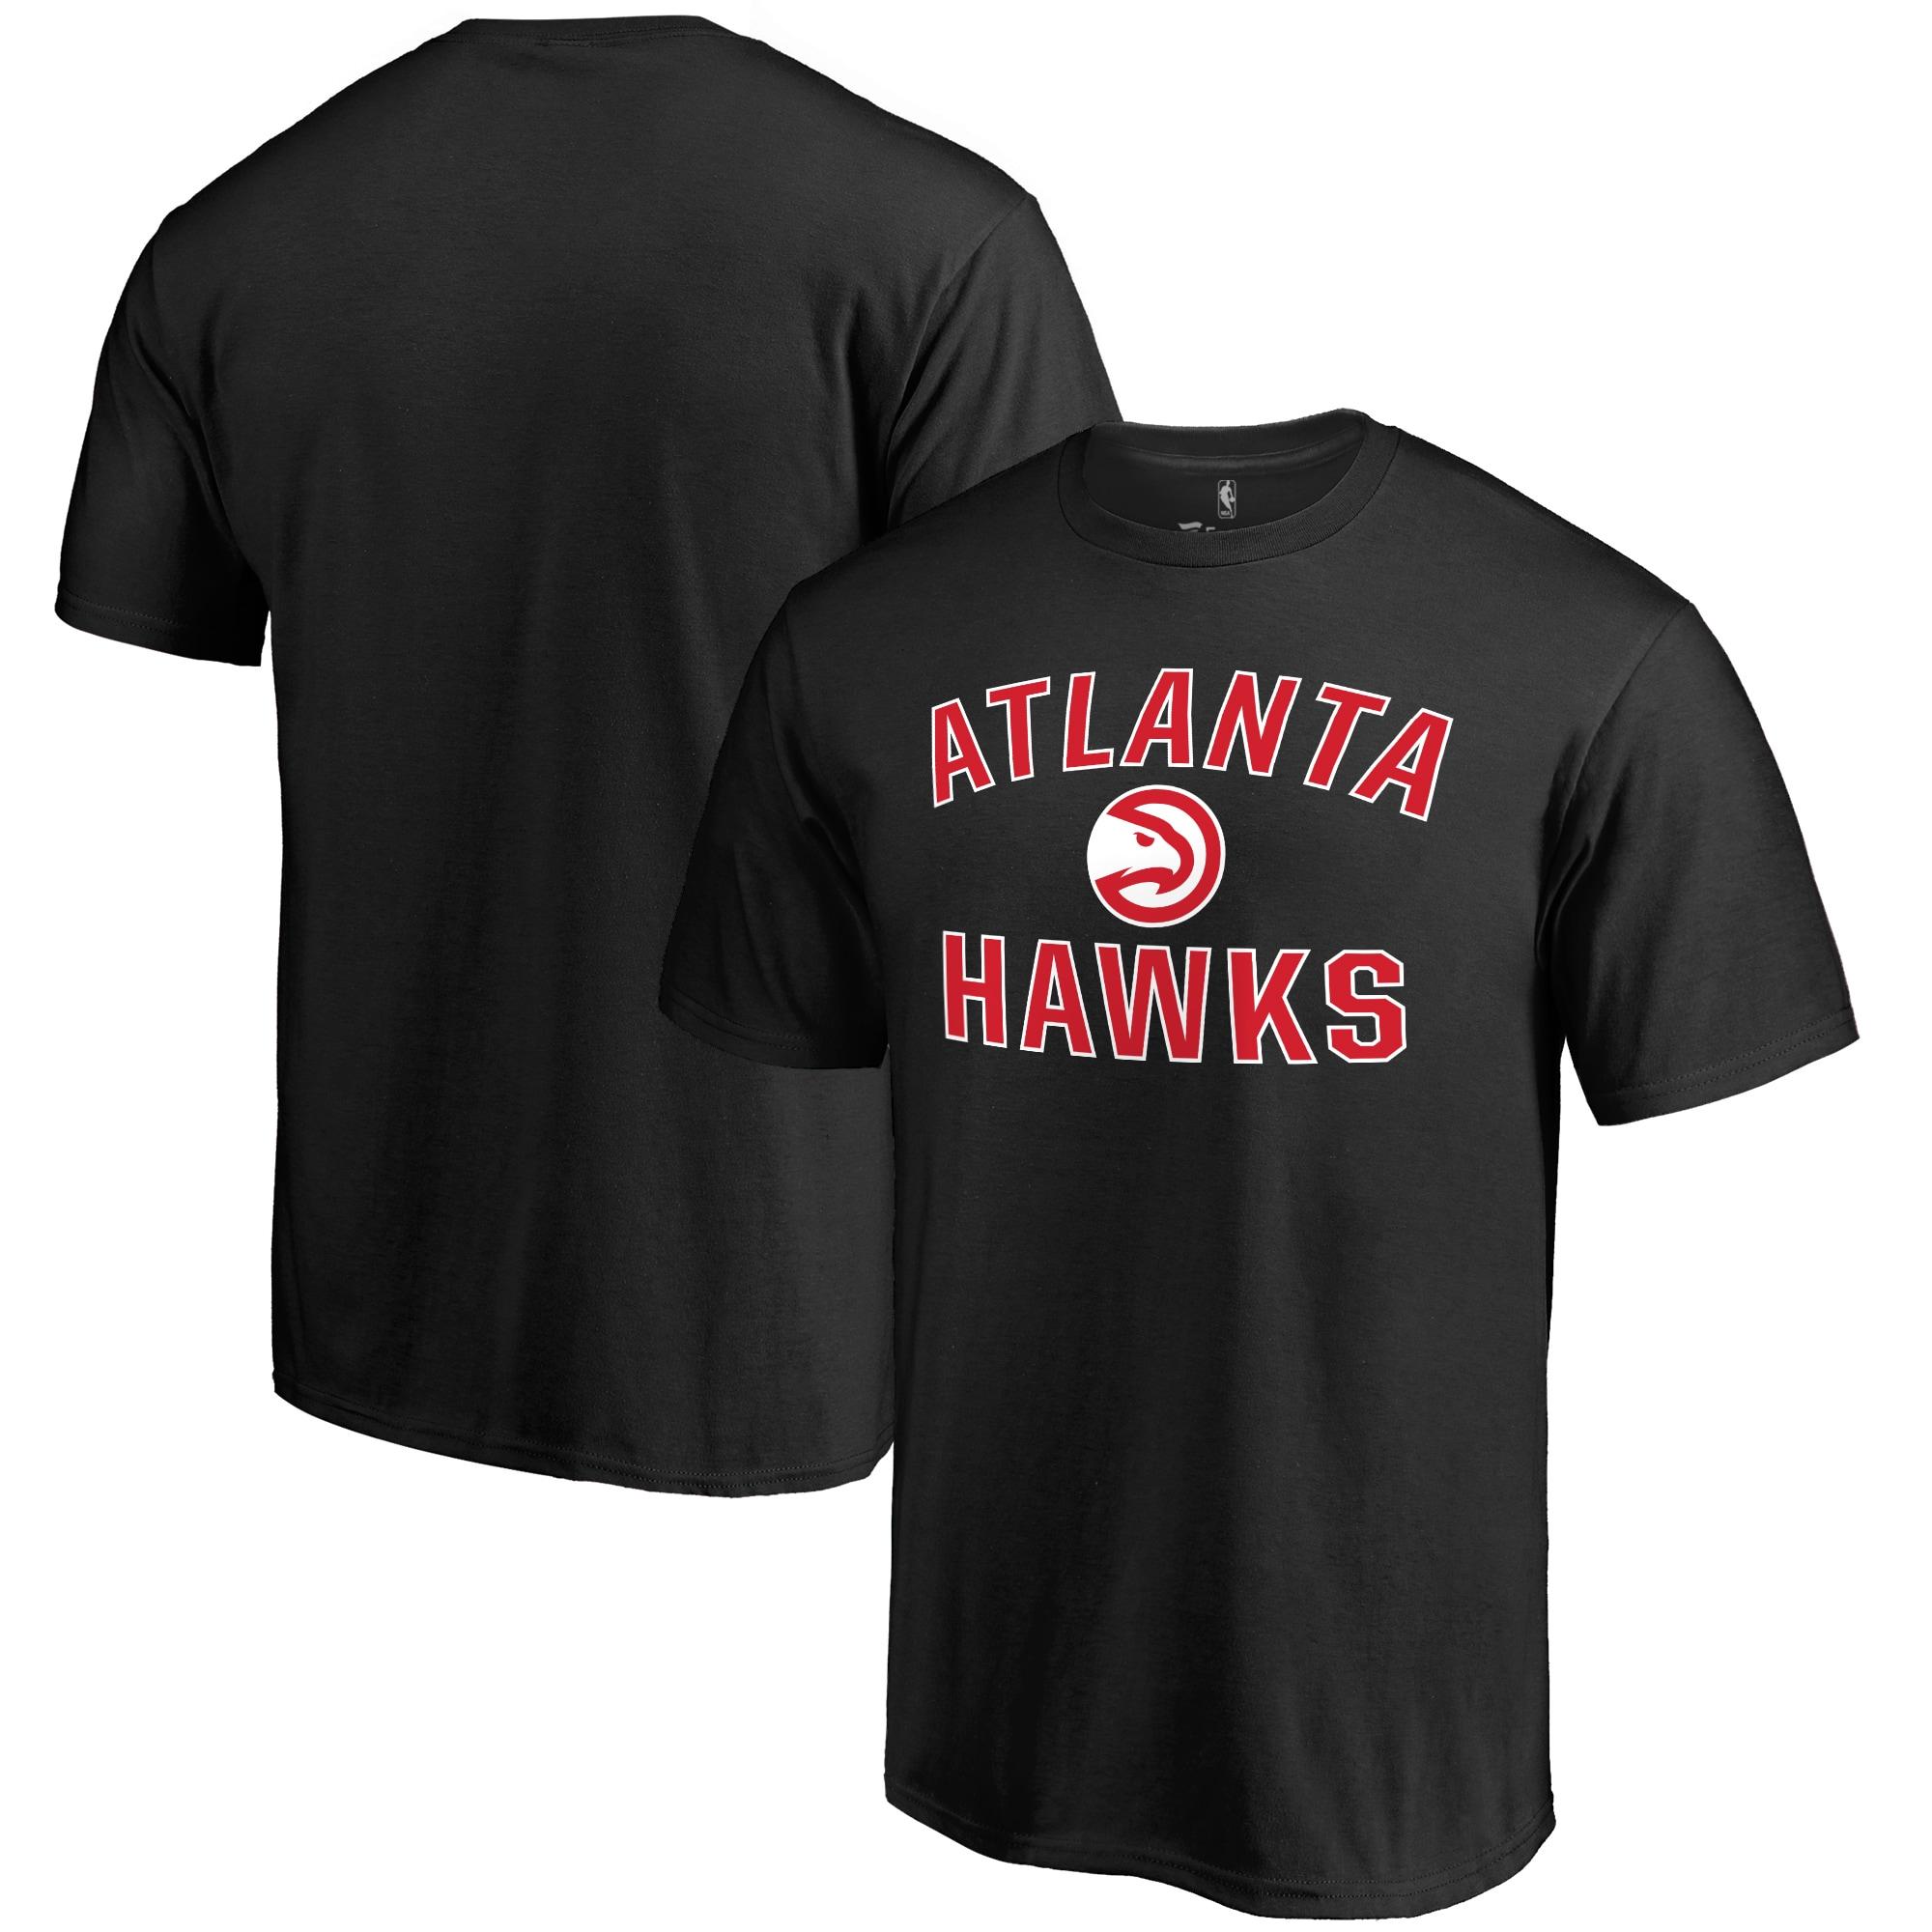 Atlanta Hawks Big & Tall Victory Arch T-Shirt - Black